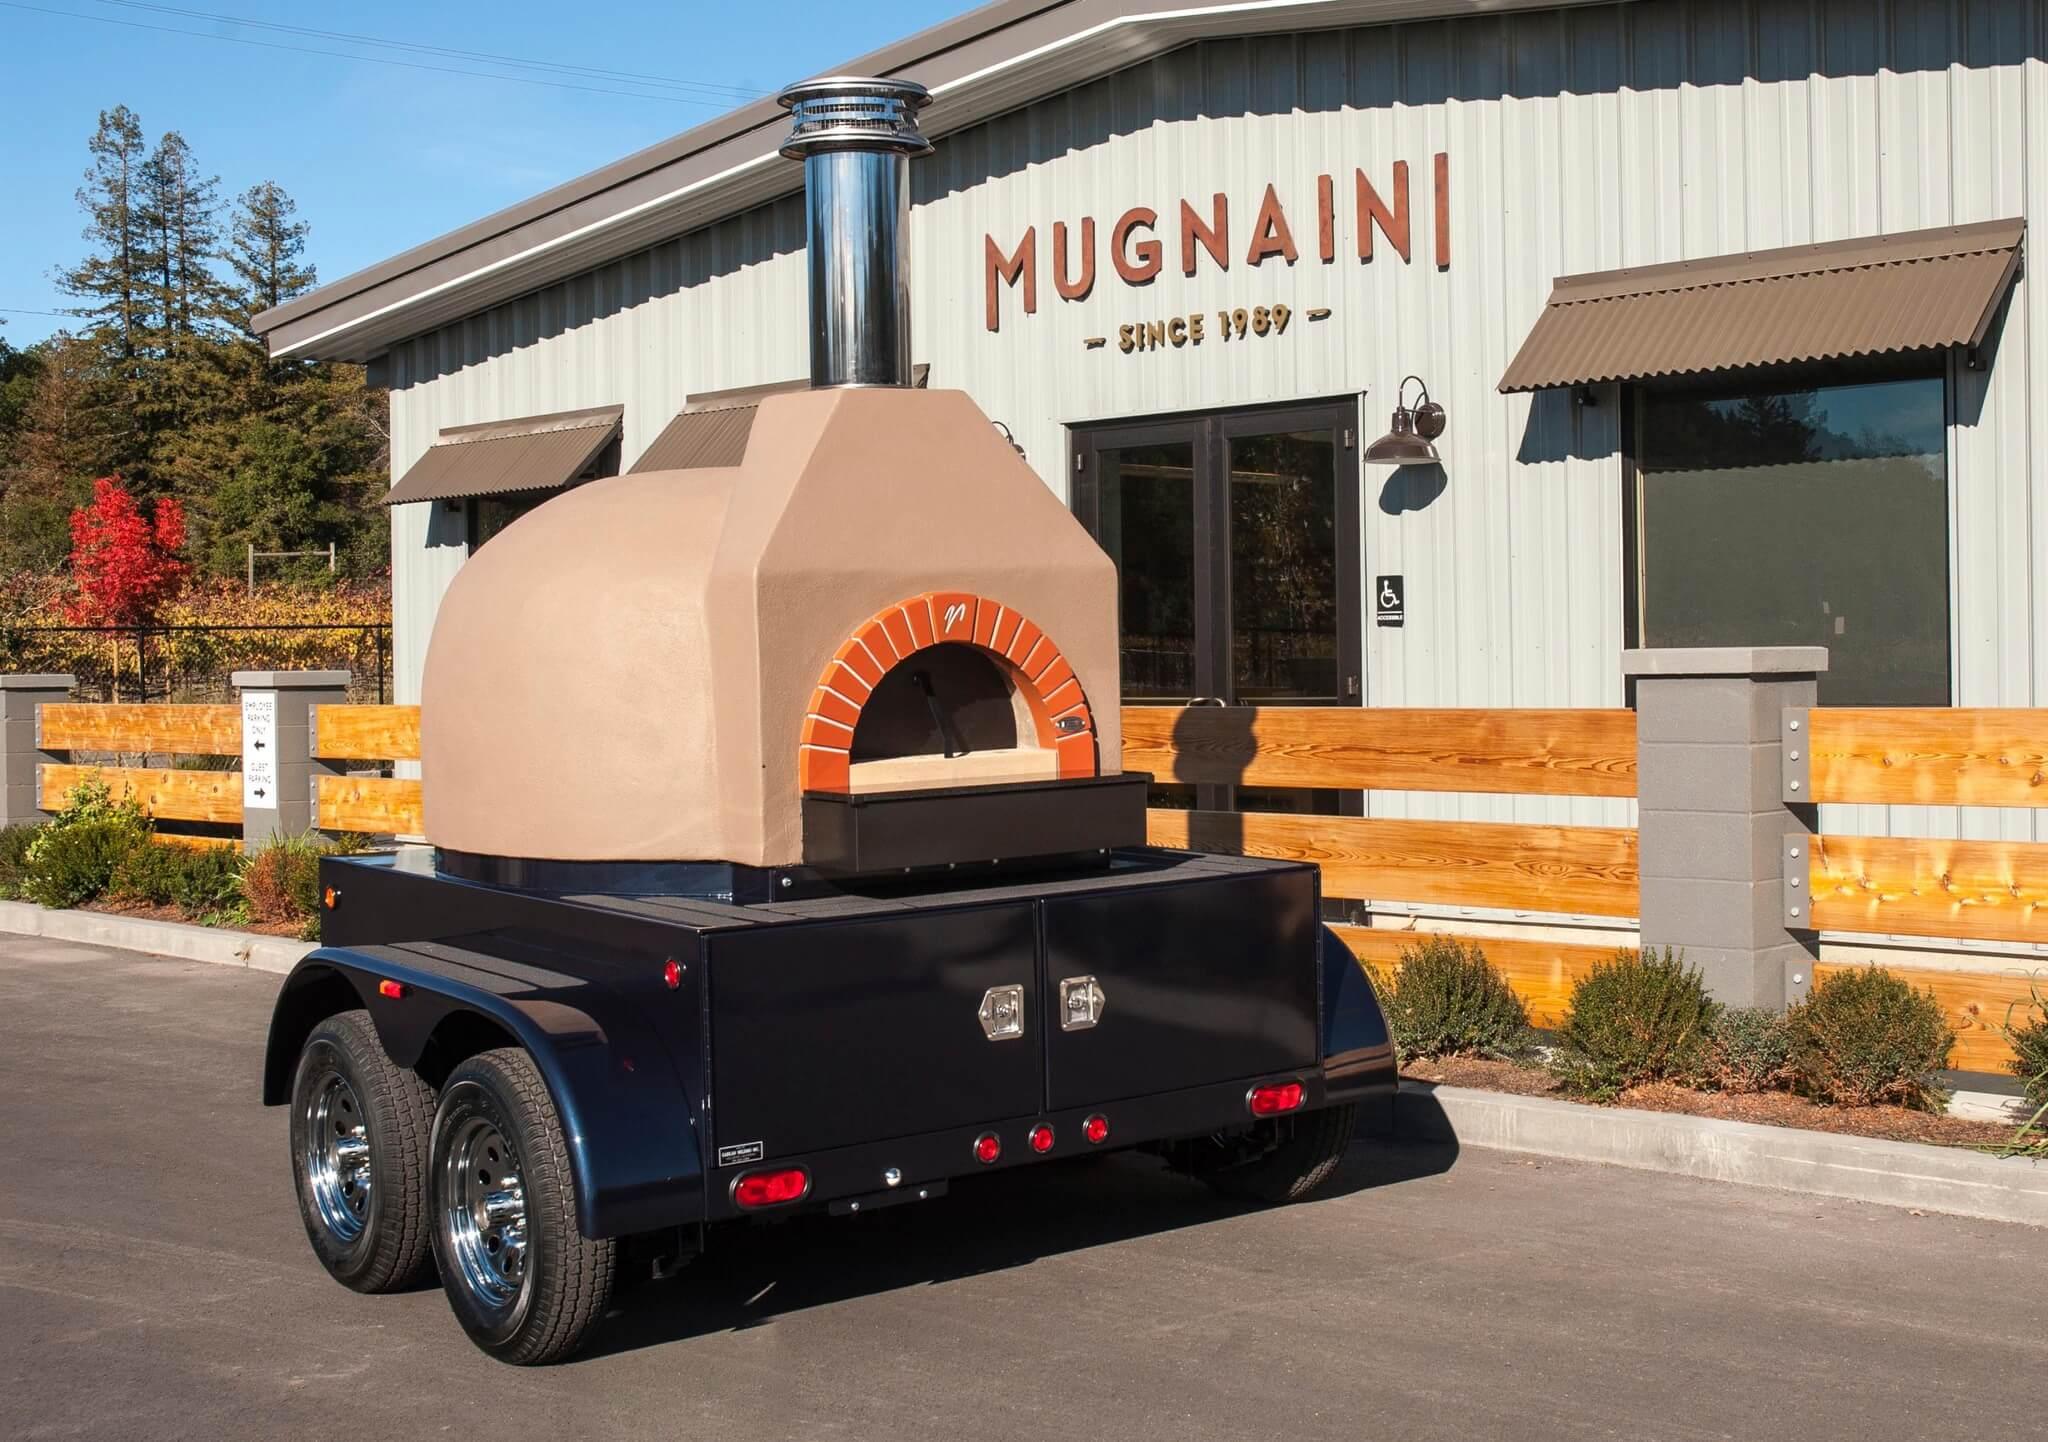 Mugnaini oven on trailer